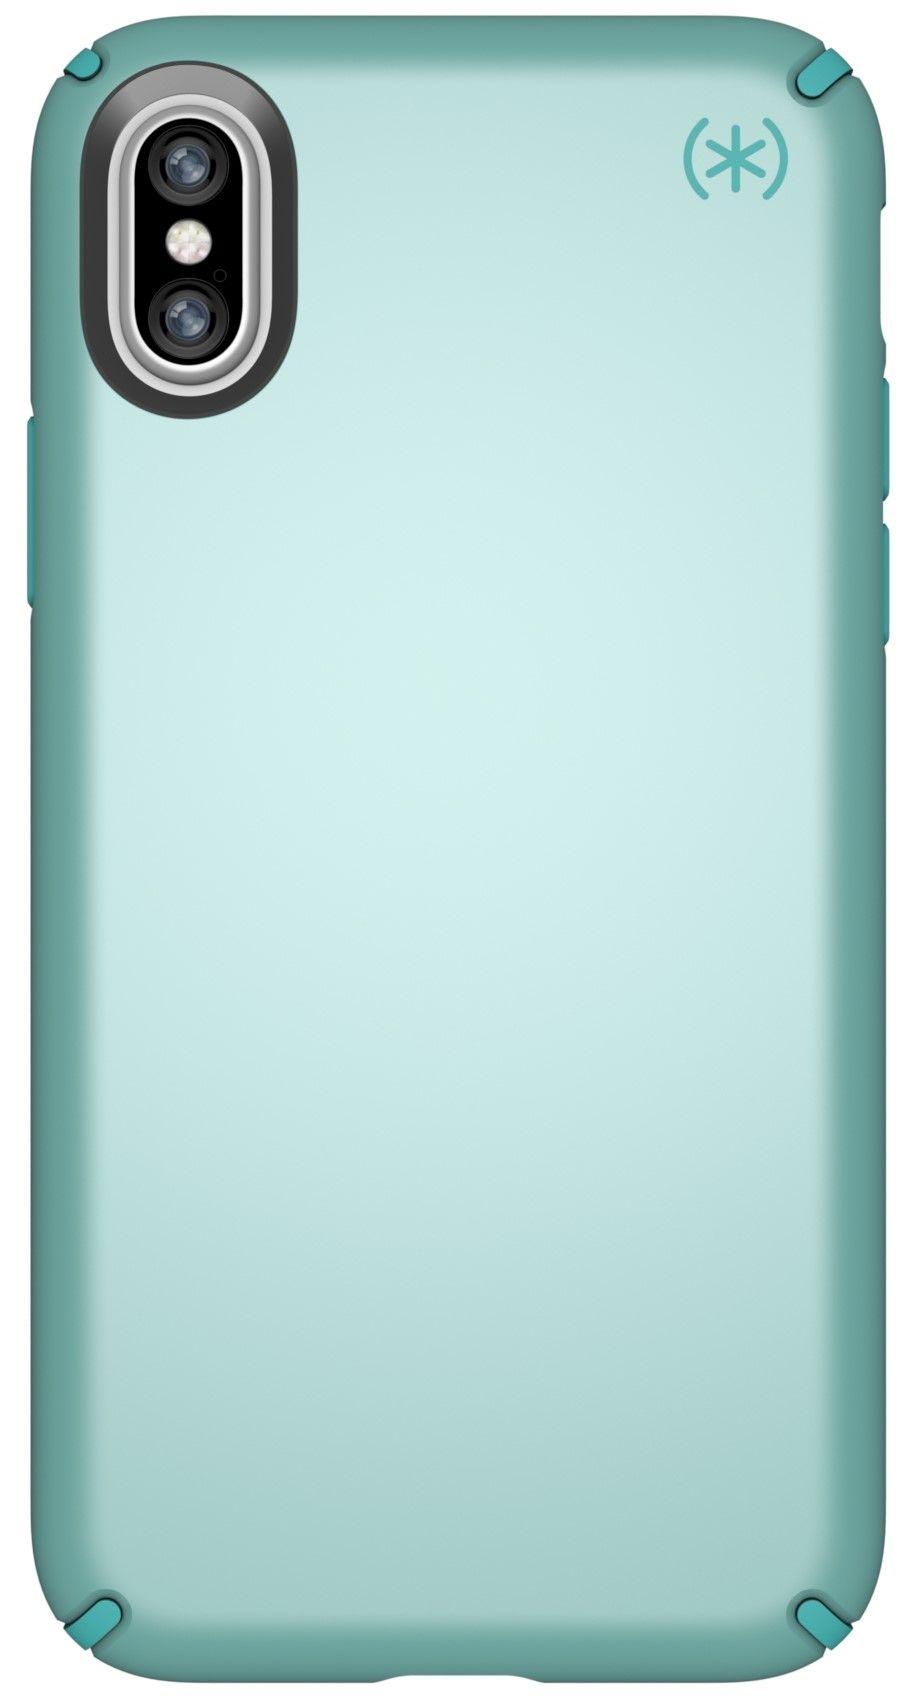 Калъф Speck Presidio Metallic - за iPhone X, бледозелен - 1